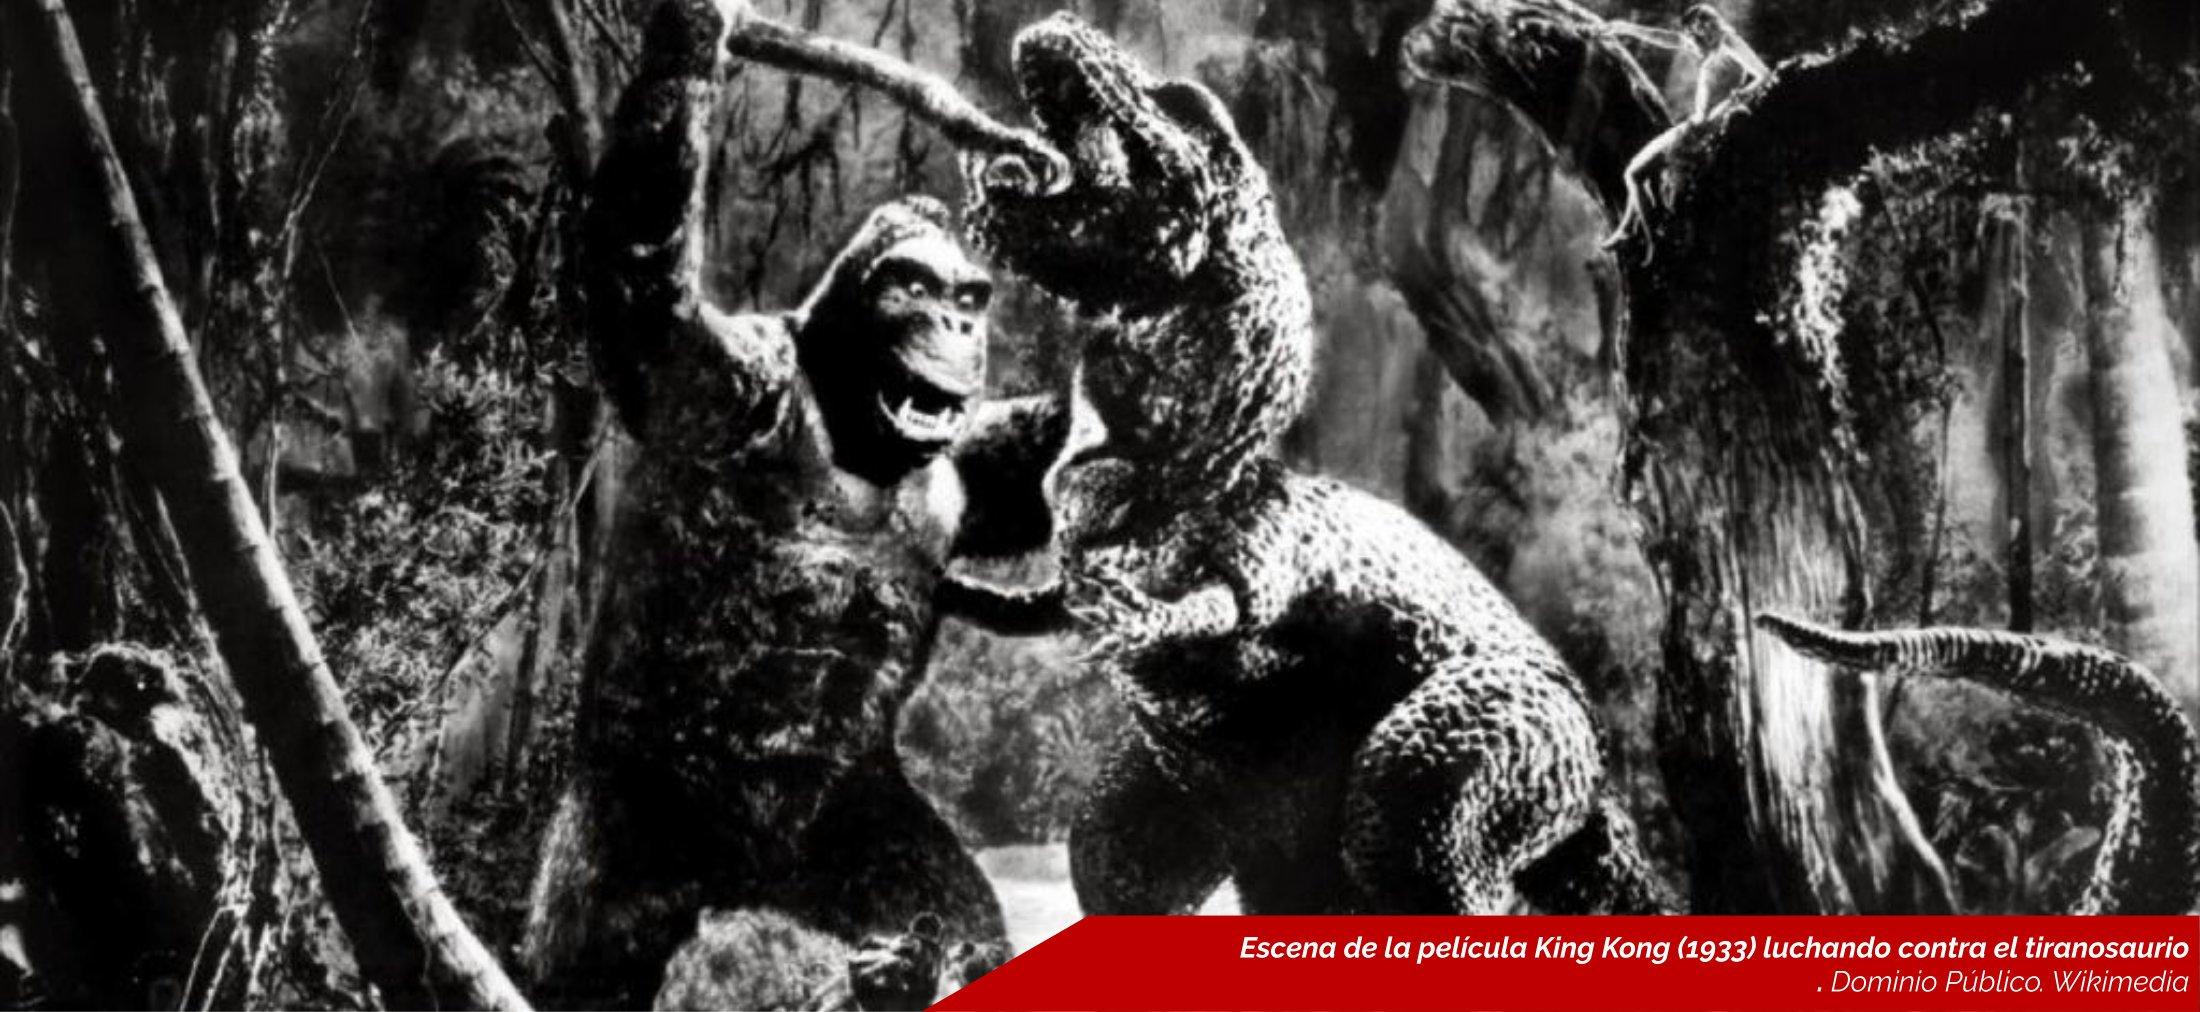 Kinkong, Planeta Incógnito